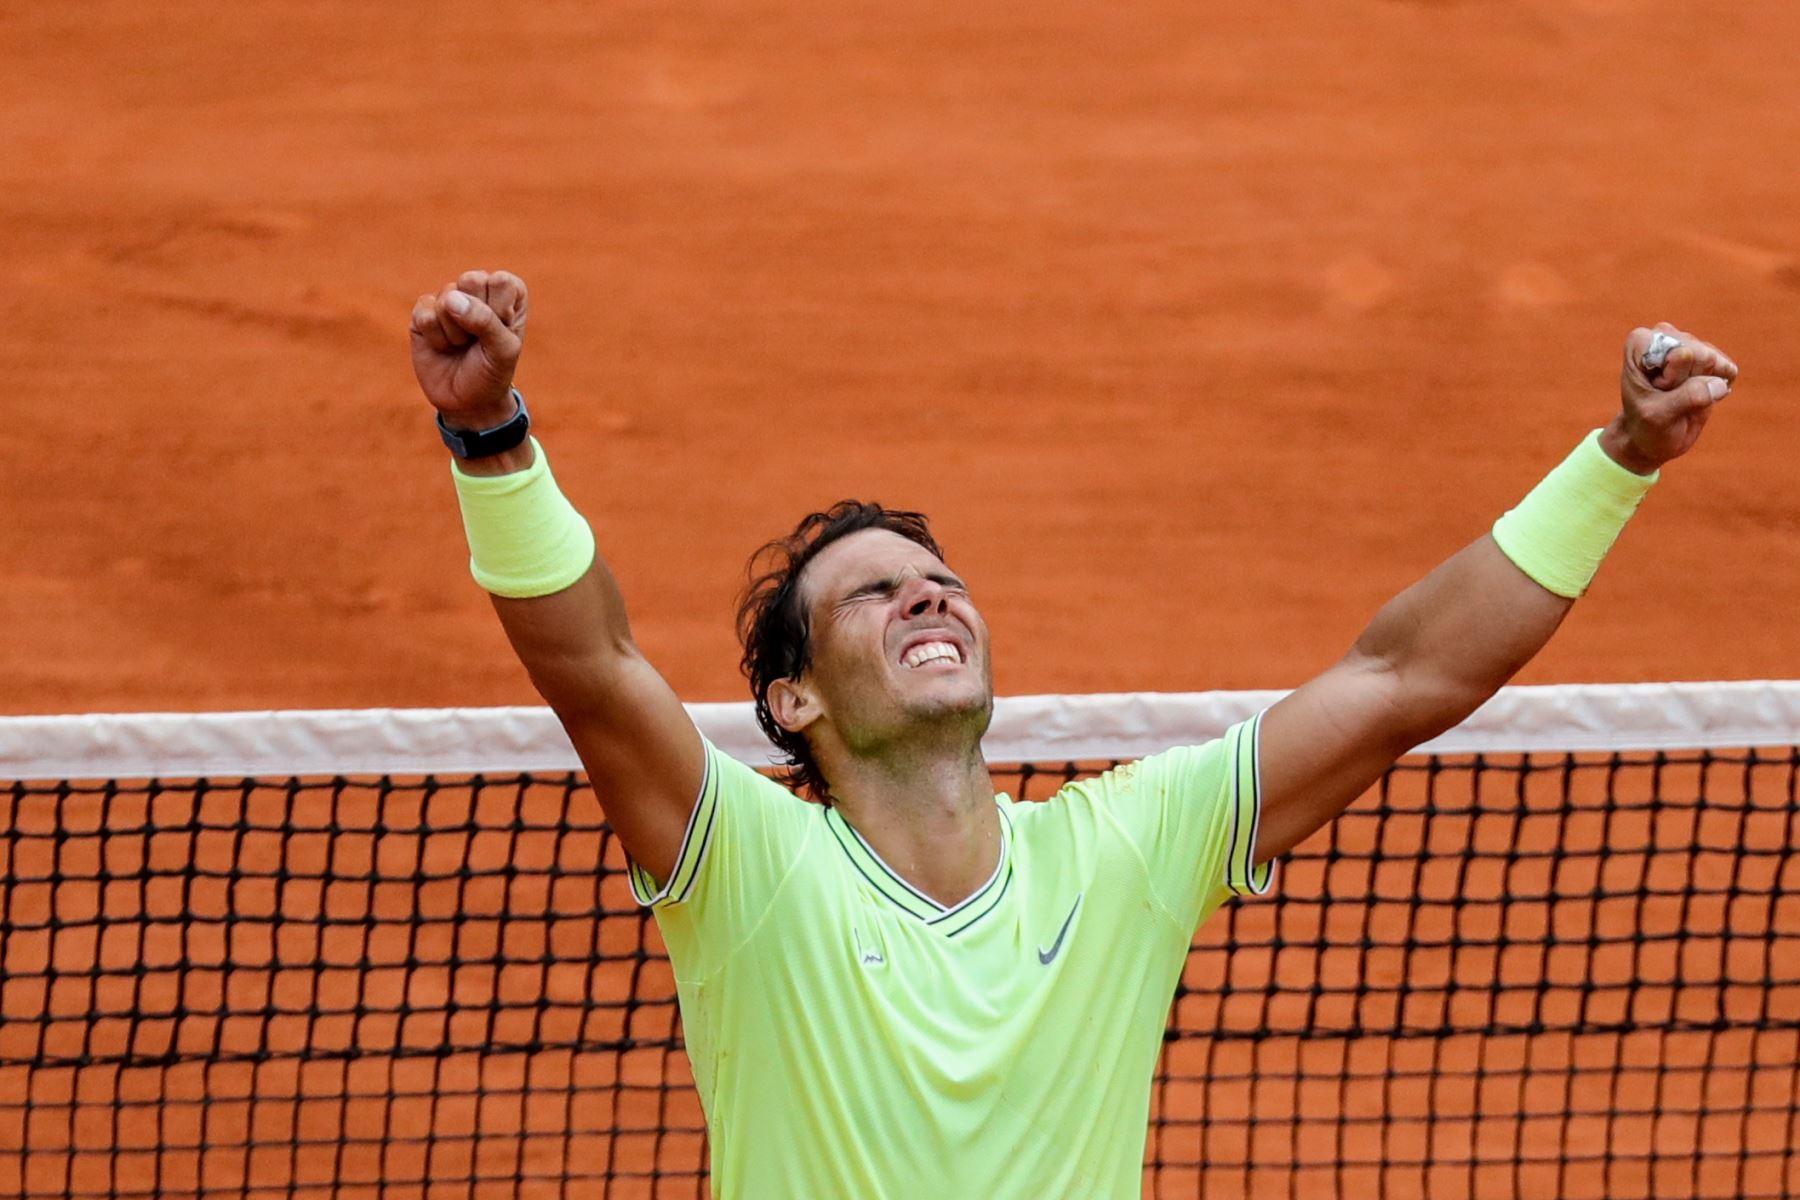 El español Rafael Nadal celebra después de ganar contra el dominic Thiem de Austria durante su último partido individual de hombres del torneo de tenis Roland Garros 2019. Foto:AFP